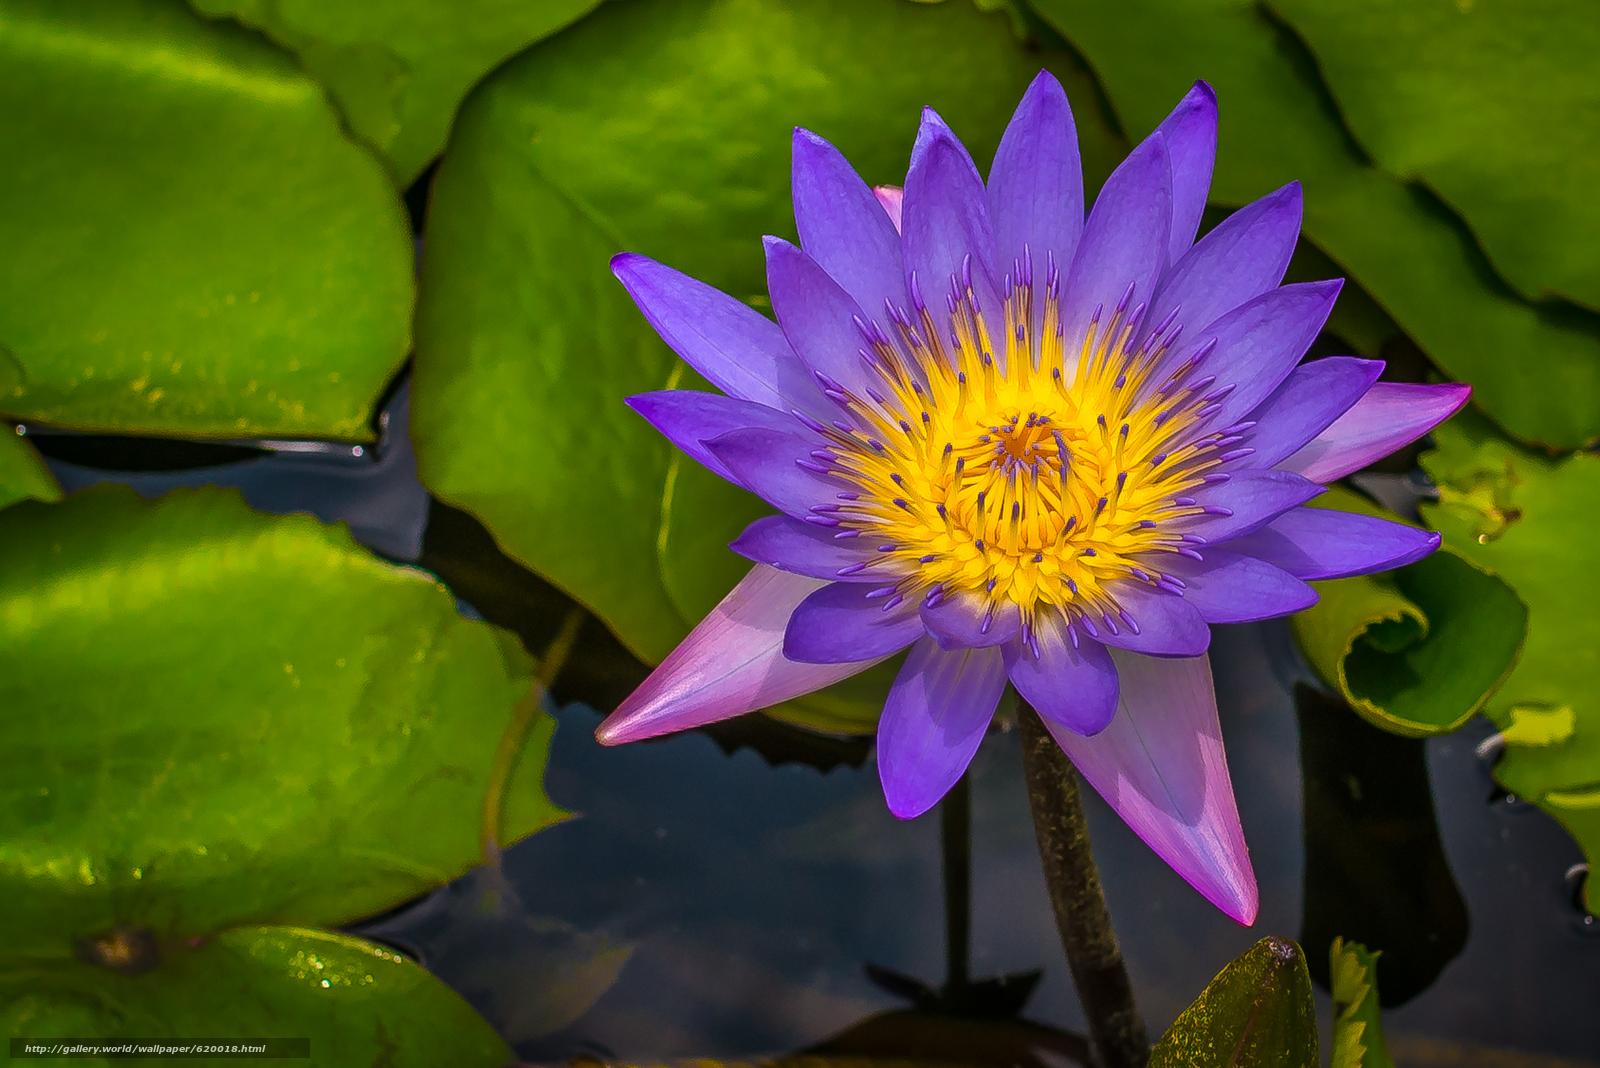 Скачать обои Water Lily,  Водяная лилия,  цветок,  флора бесплатно для рабочего стола в разрешении 4000x2670 — картинка №620018